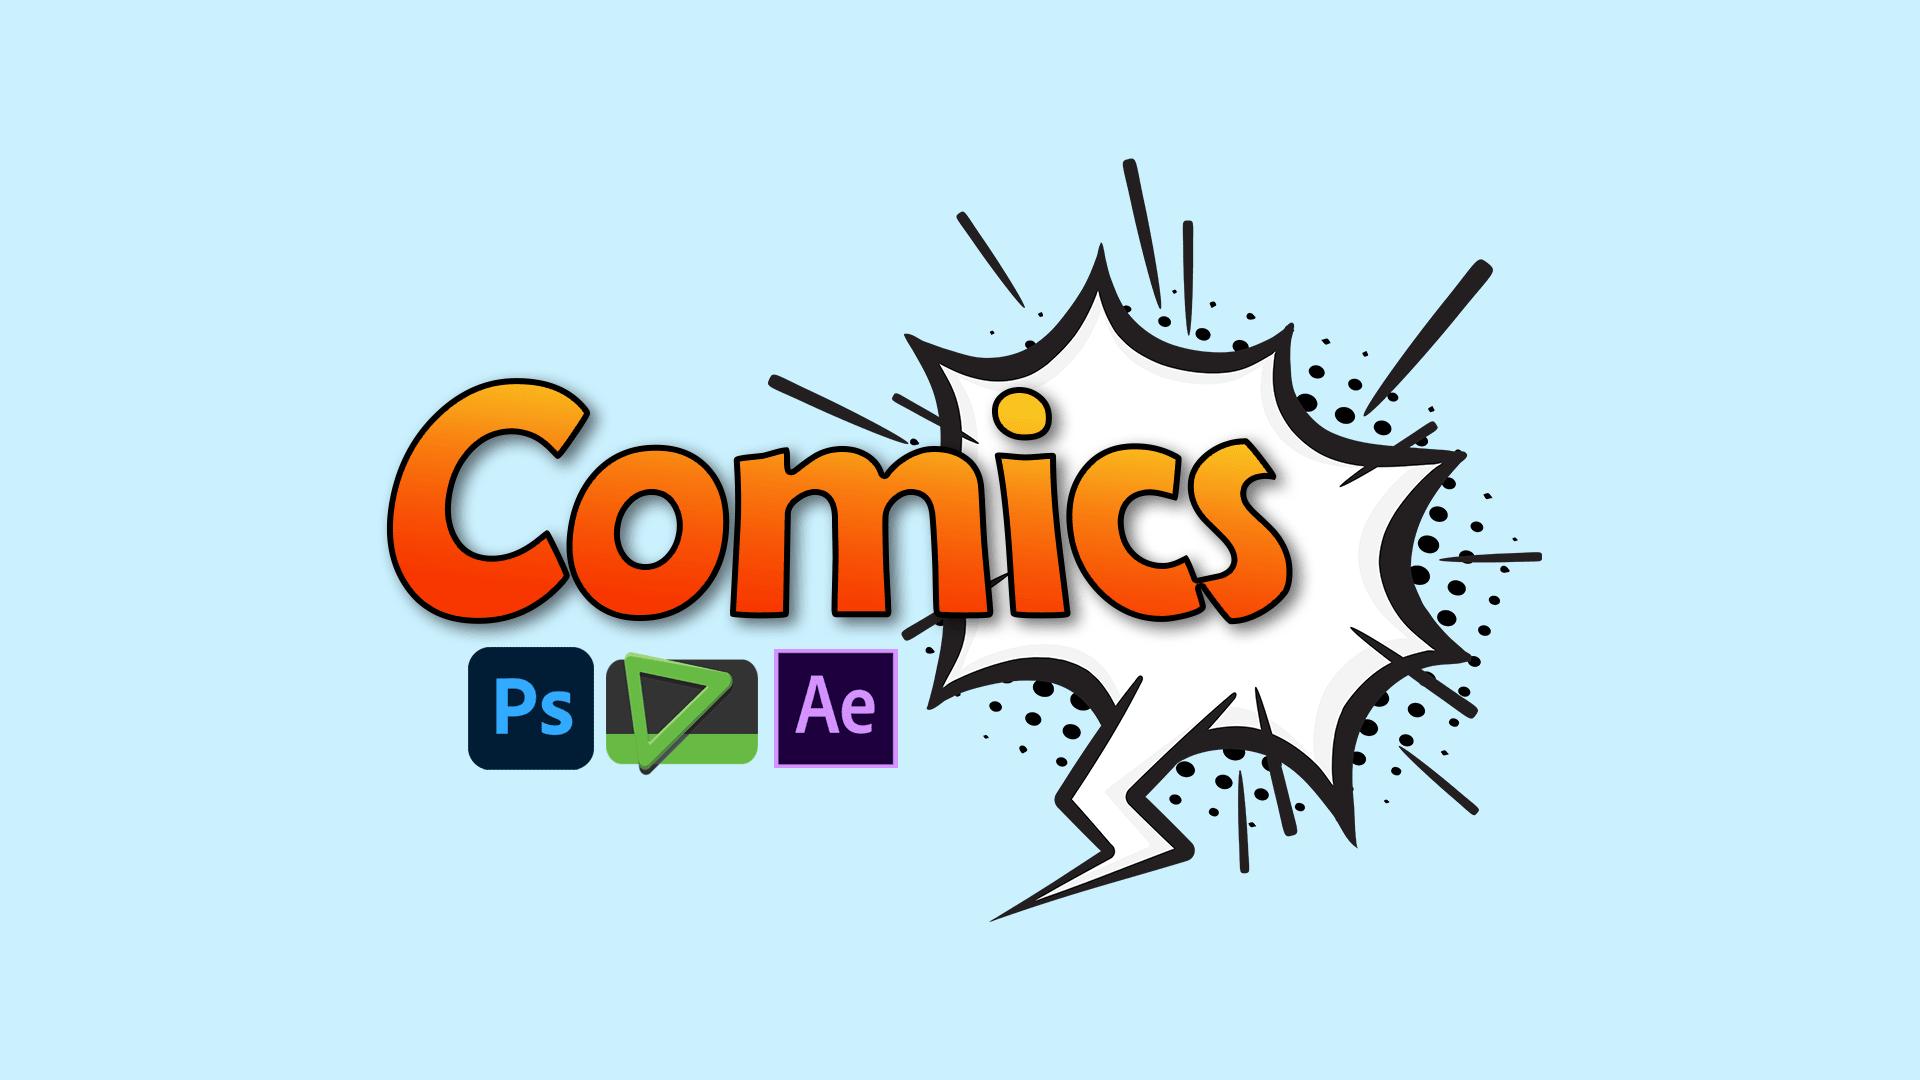 آموزش افتر افکت موشن کمیک (Motion Comic) – صفر تا صد و پروژه محور